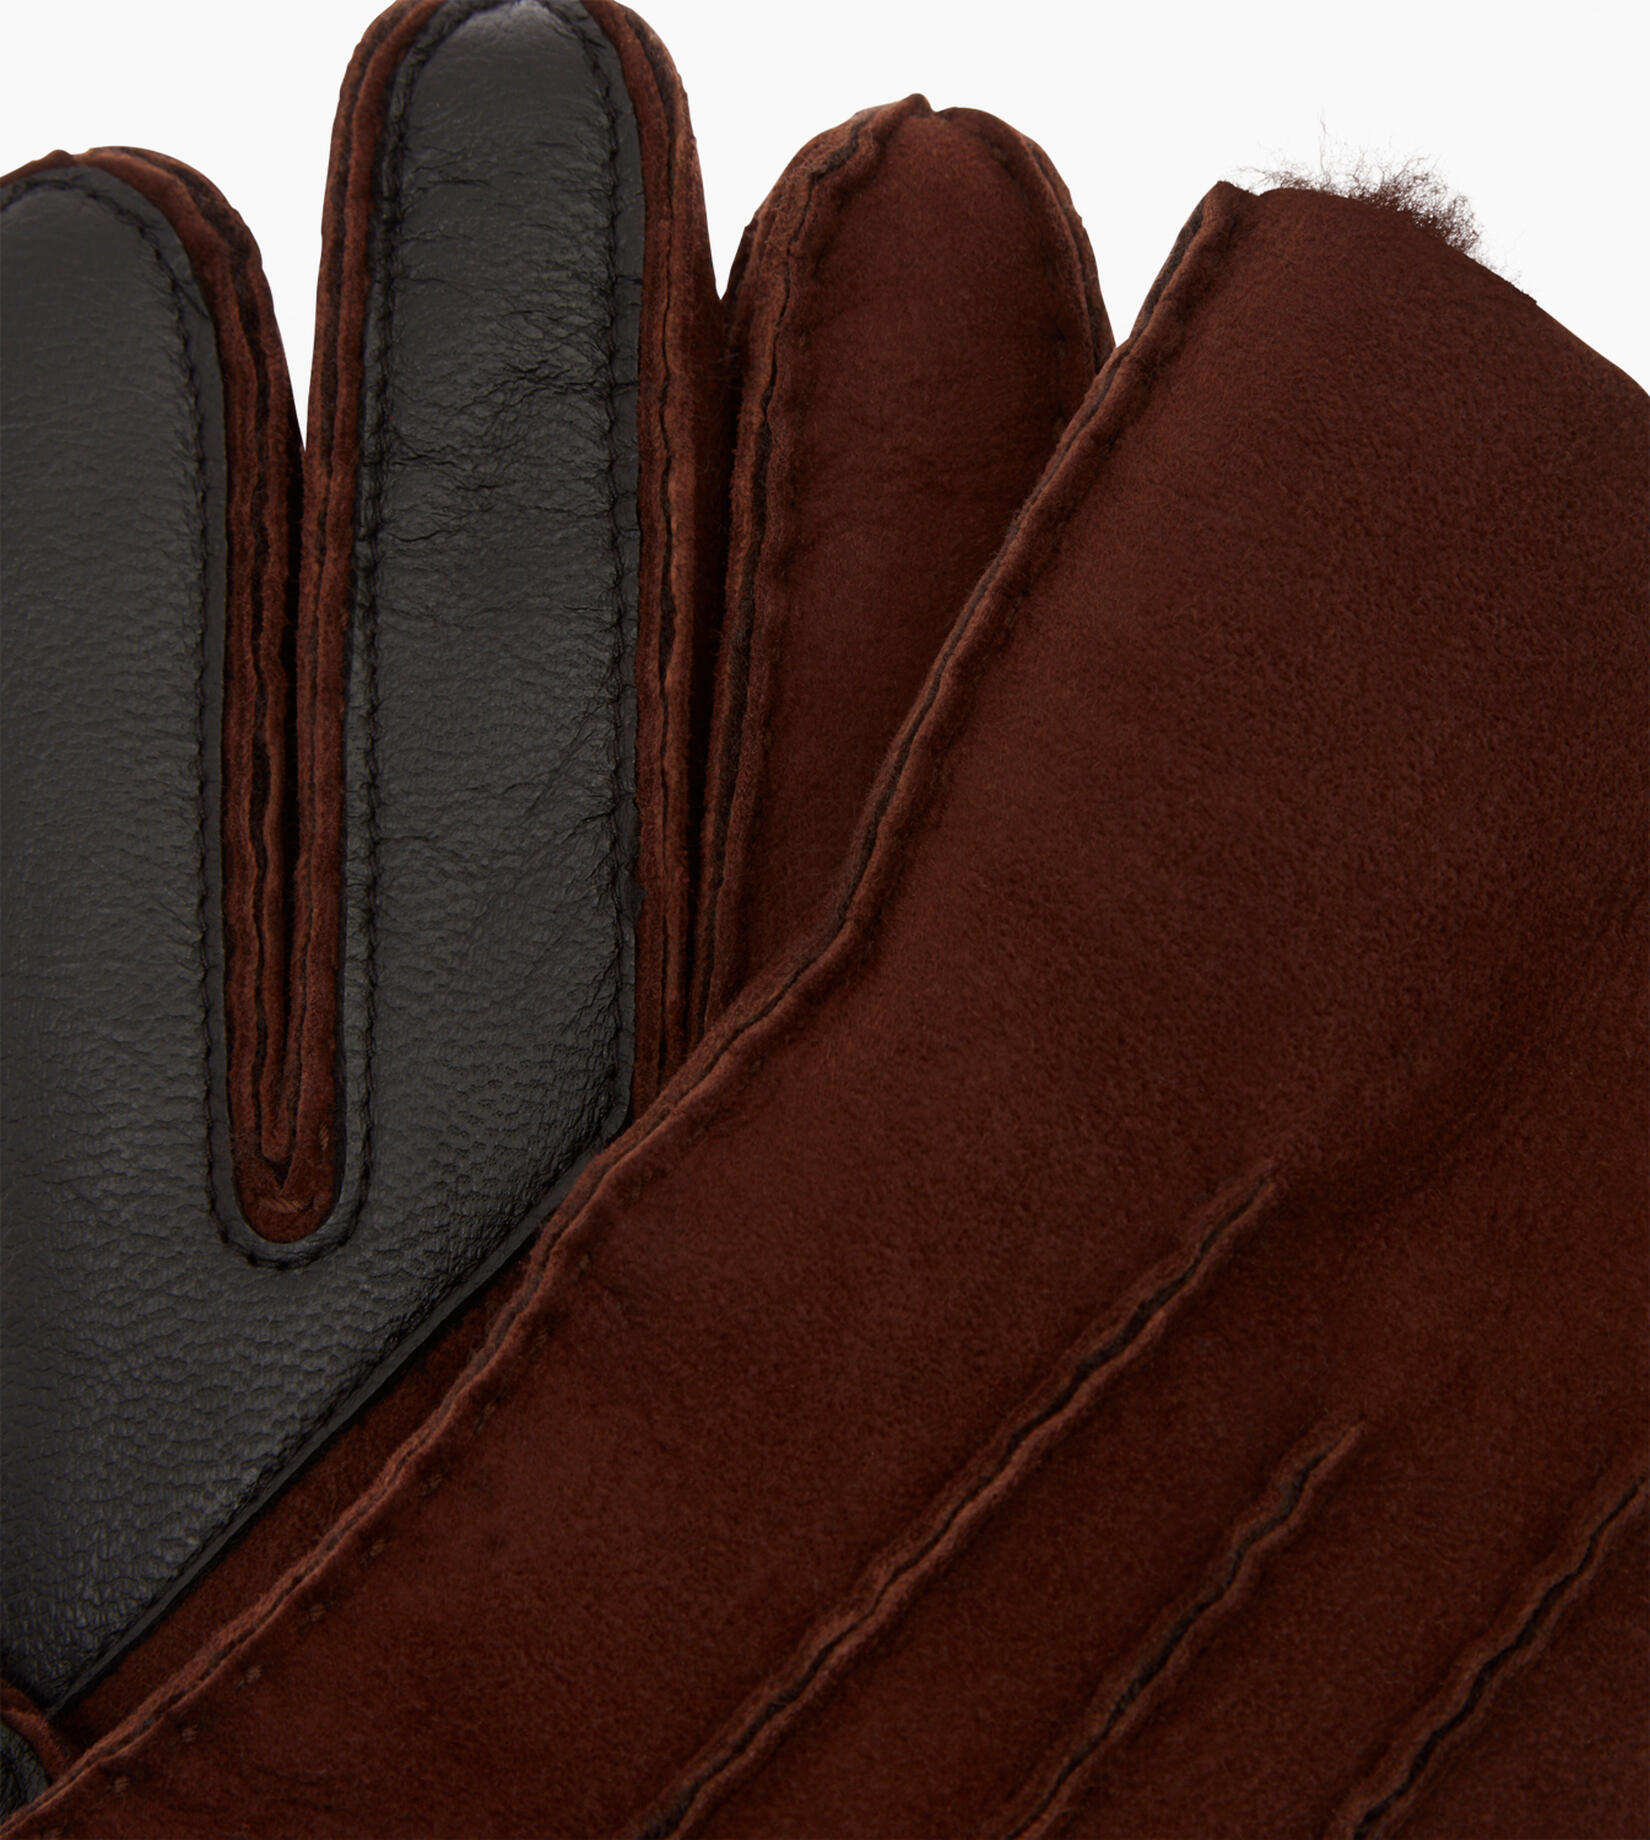 Sheepskin Glove